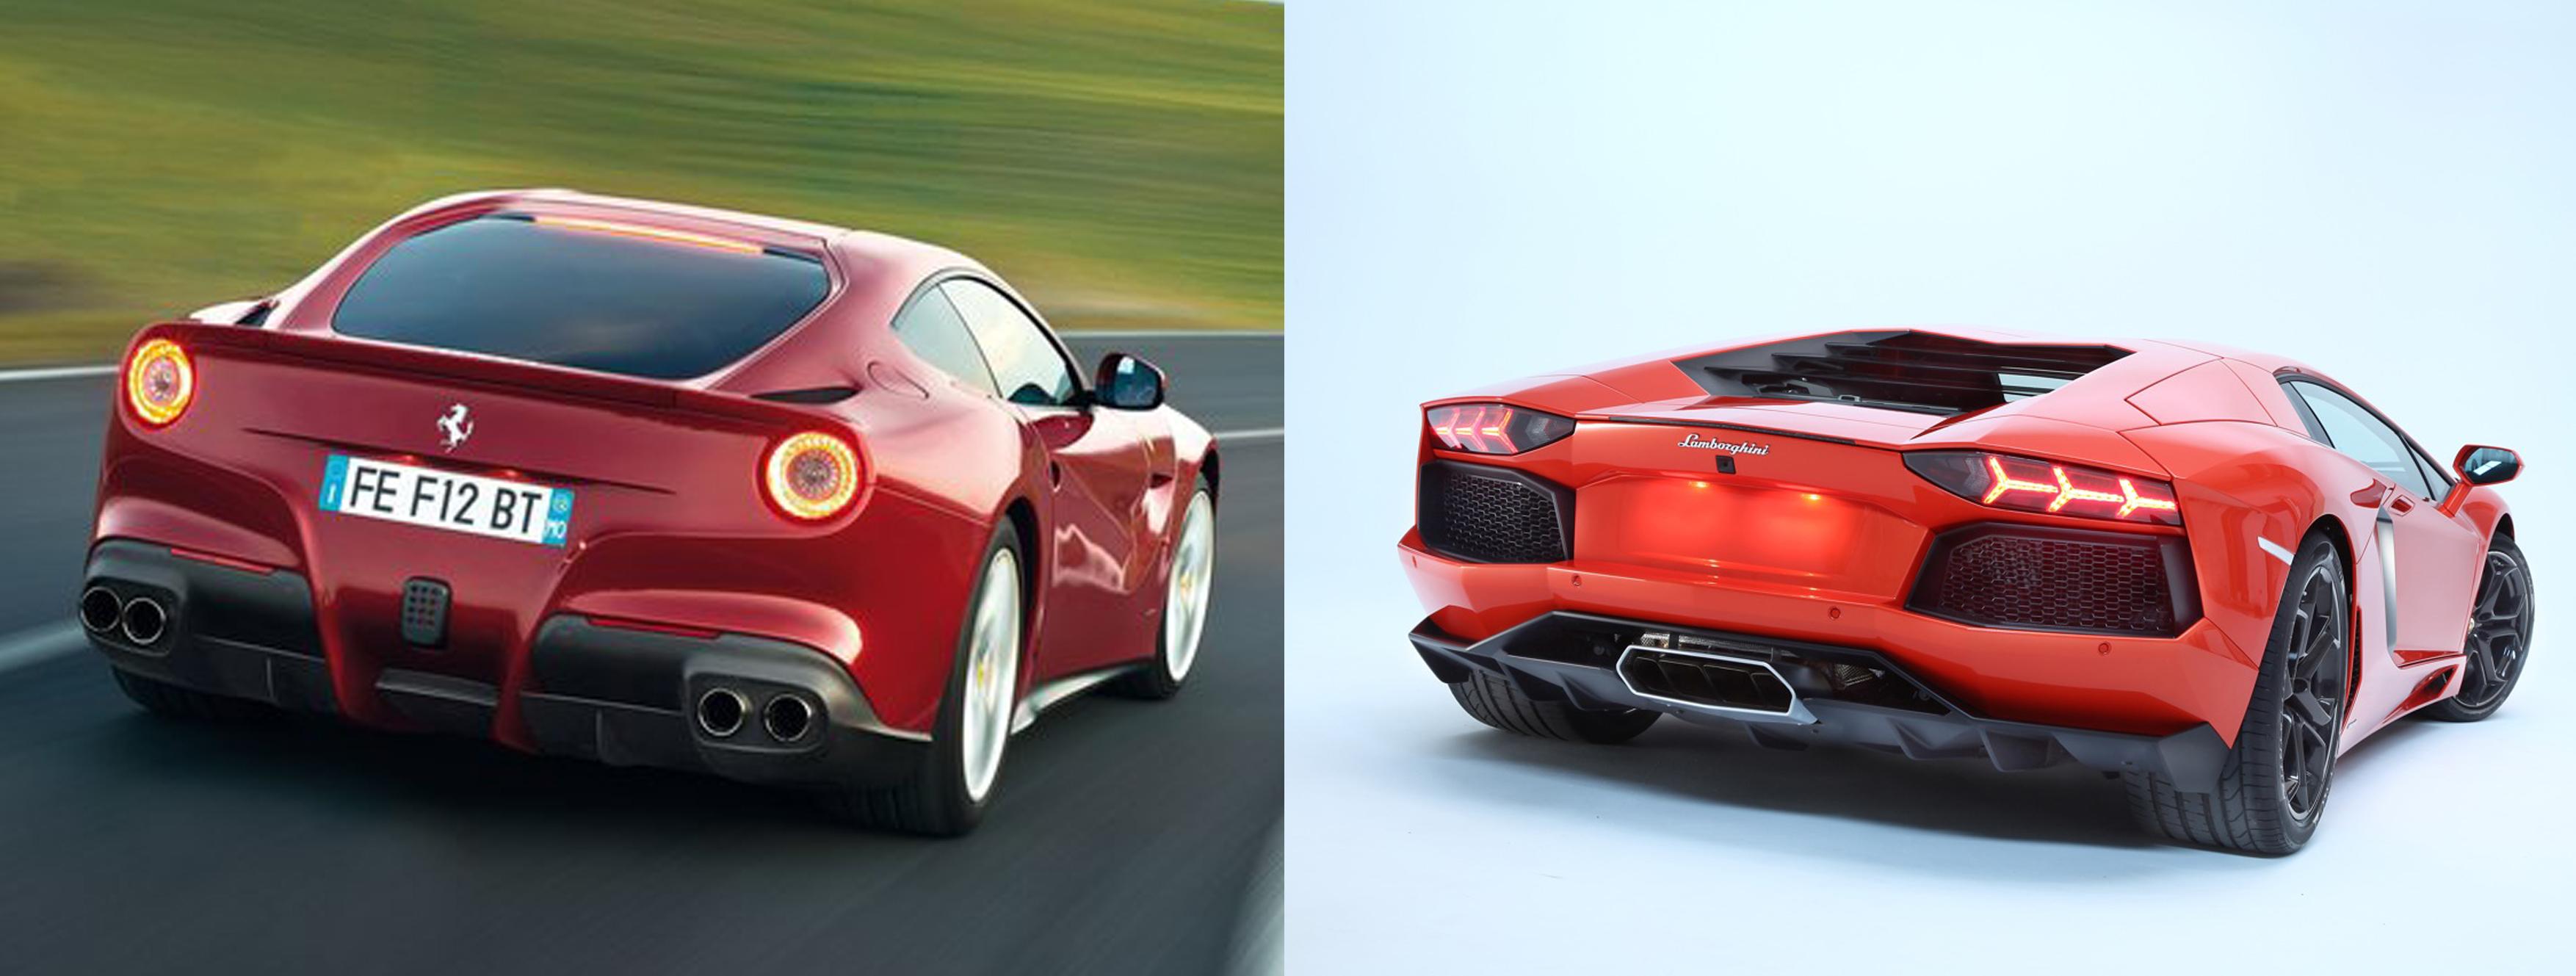 Ferrari F12 Berlinetta Or Lamborghini Aventador Fiat Group S World